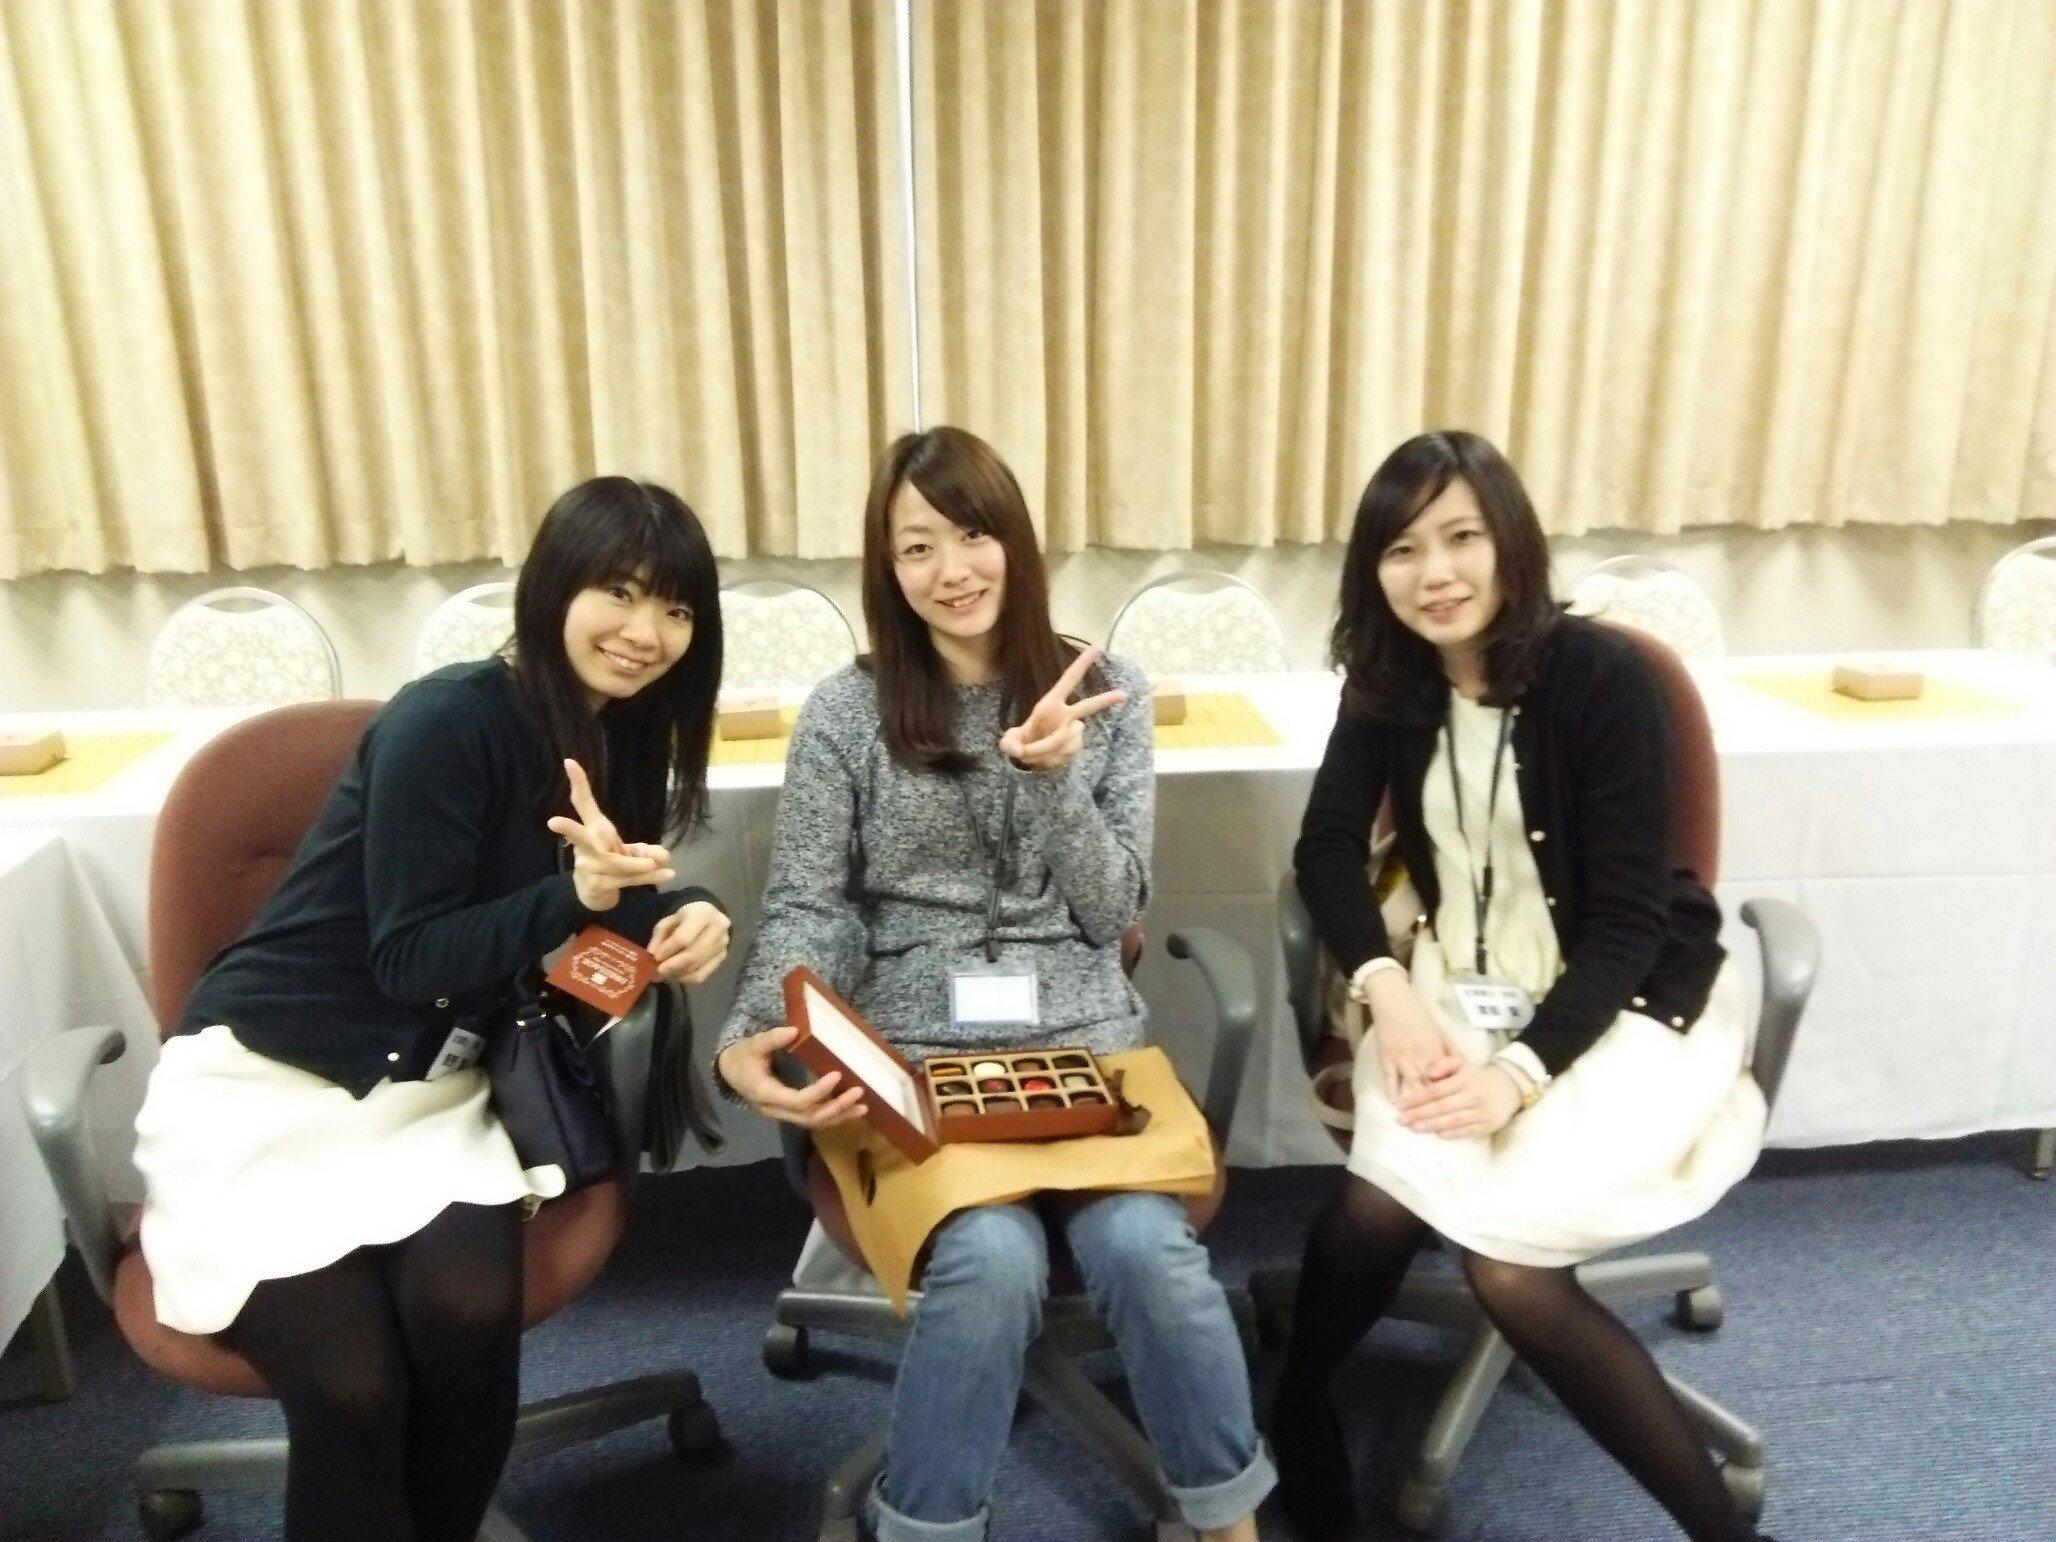 【画像】言うほどこの女子三人とも抱けるか???